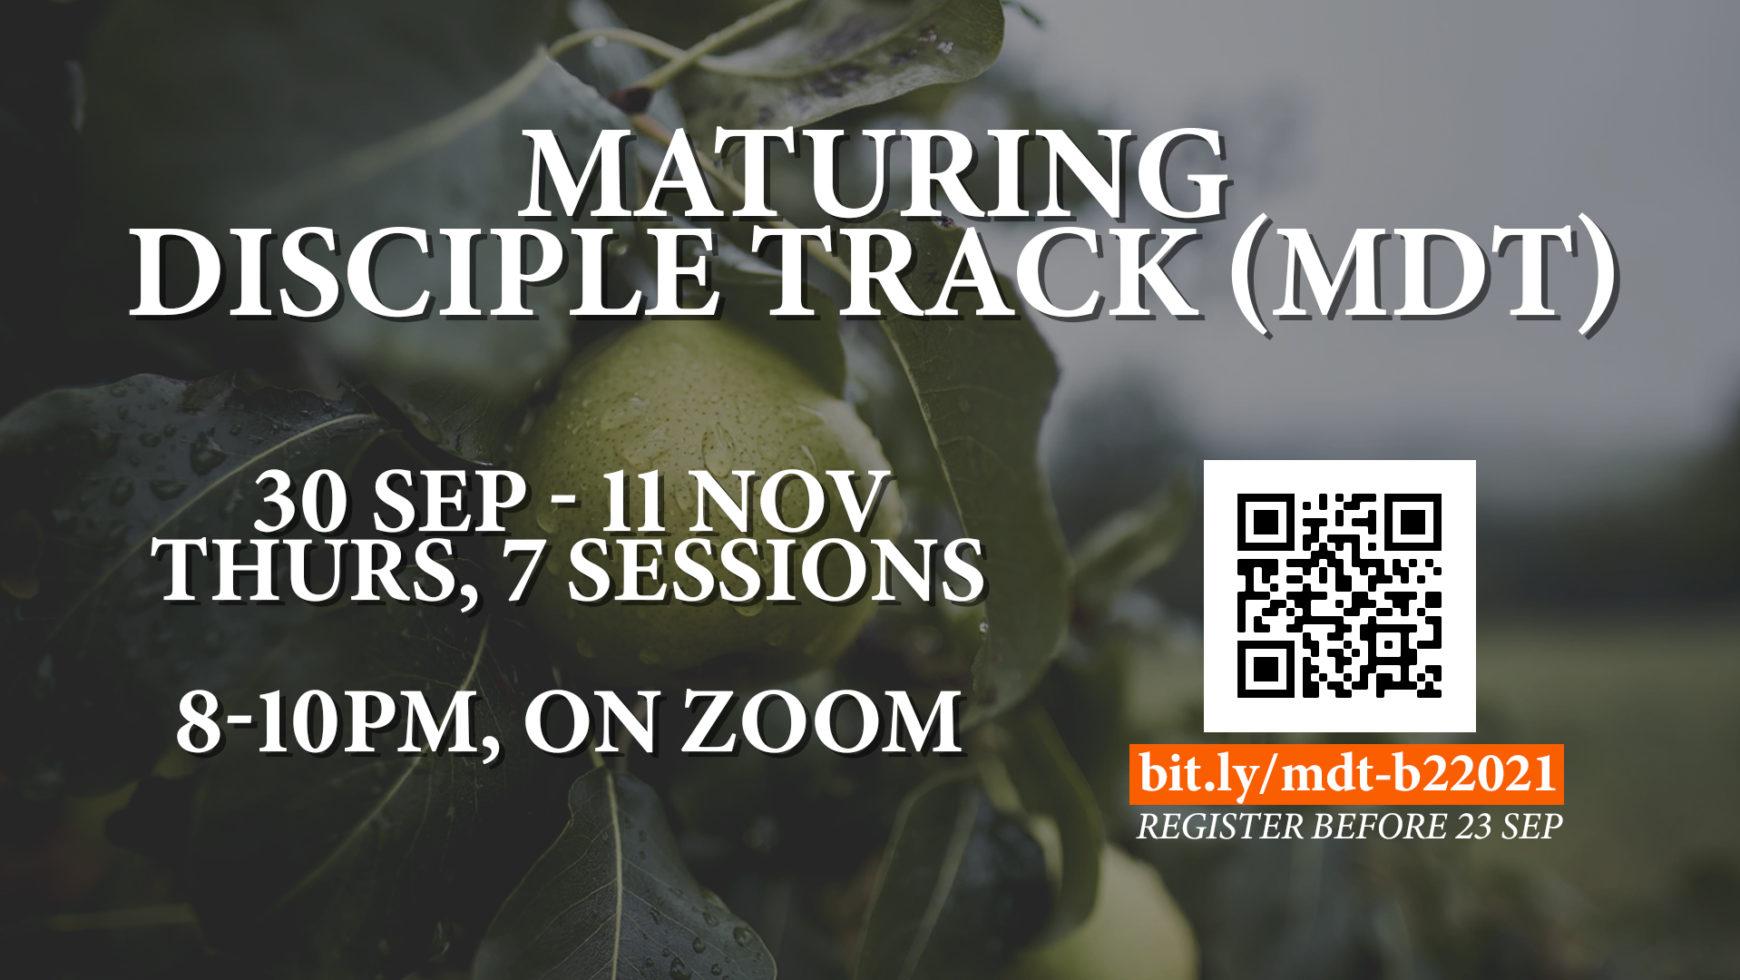 Maturing Disciple Track